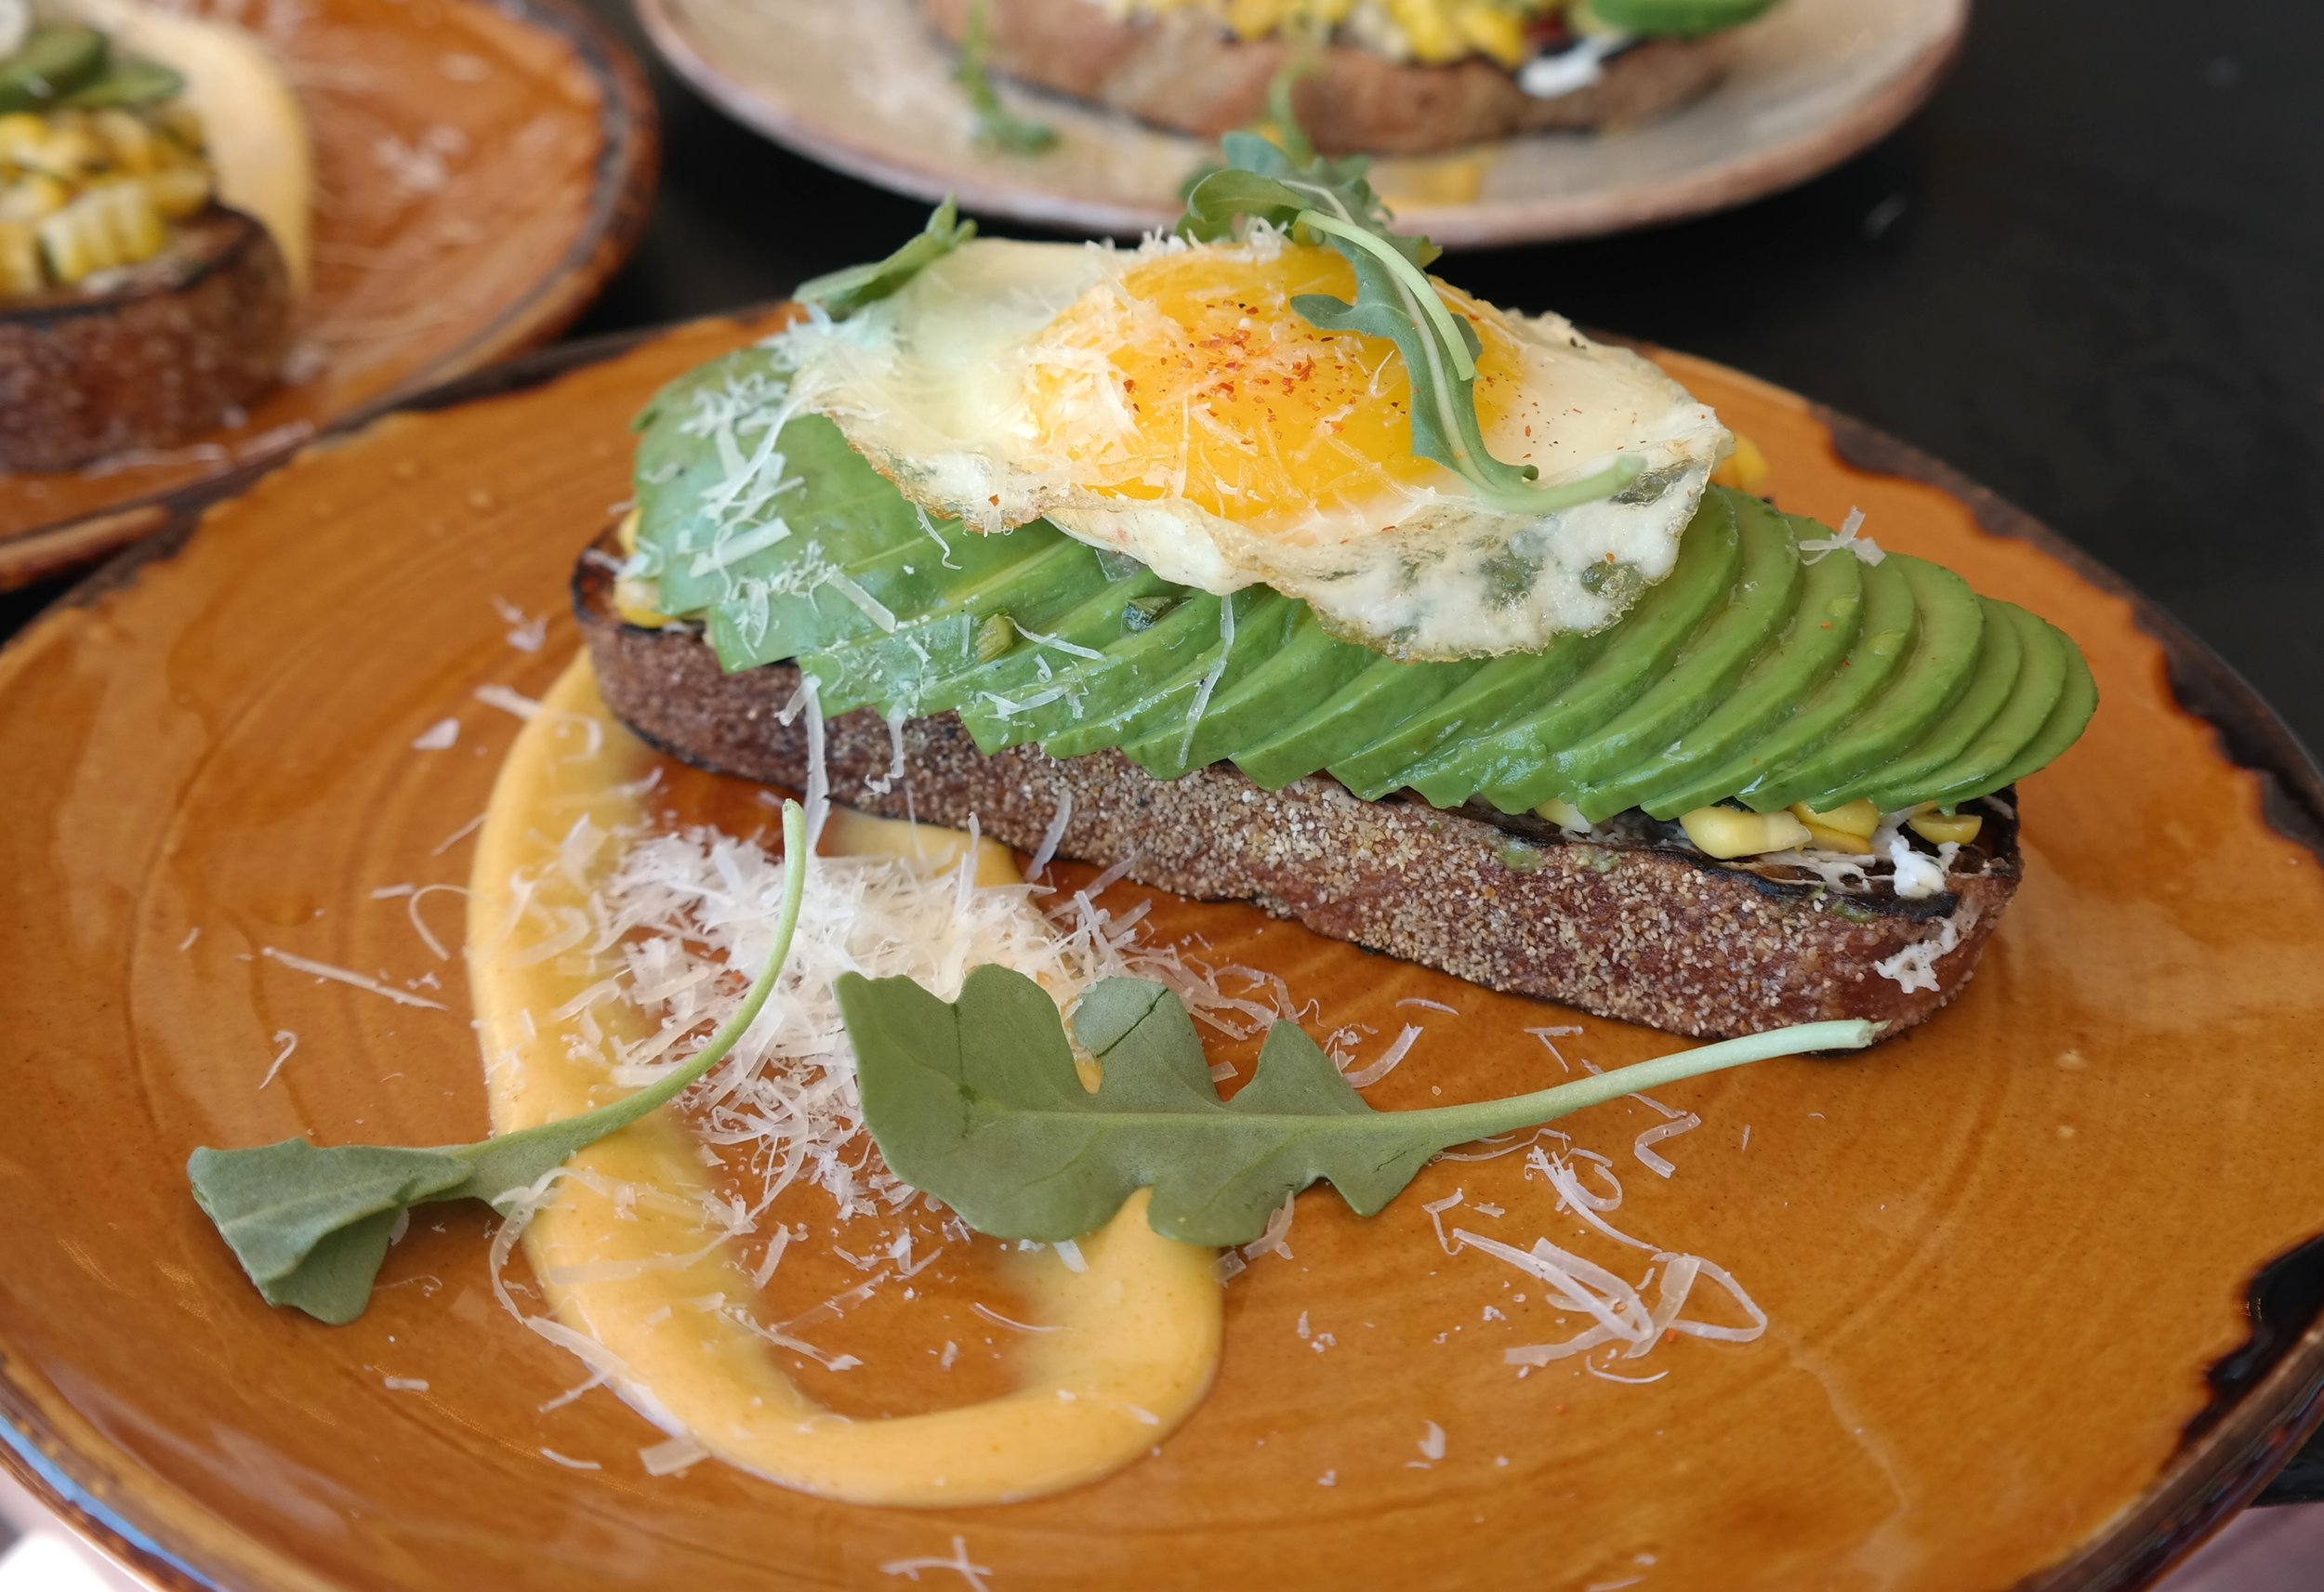 Avocado toast Toro brunch Scottsdale